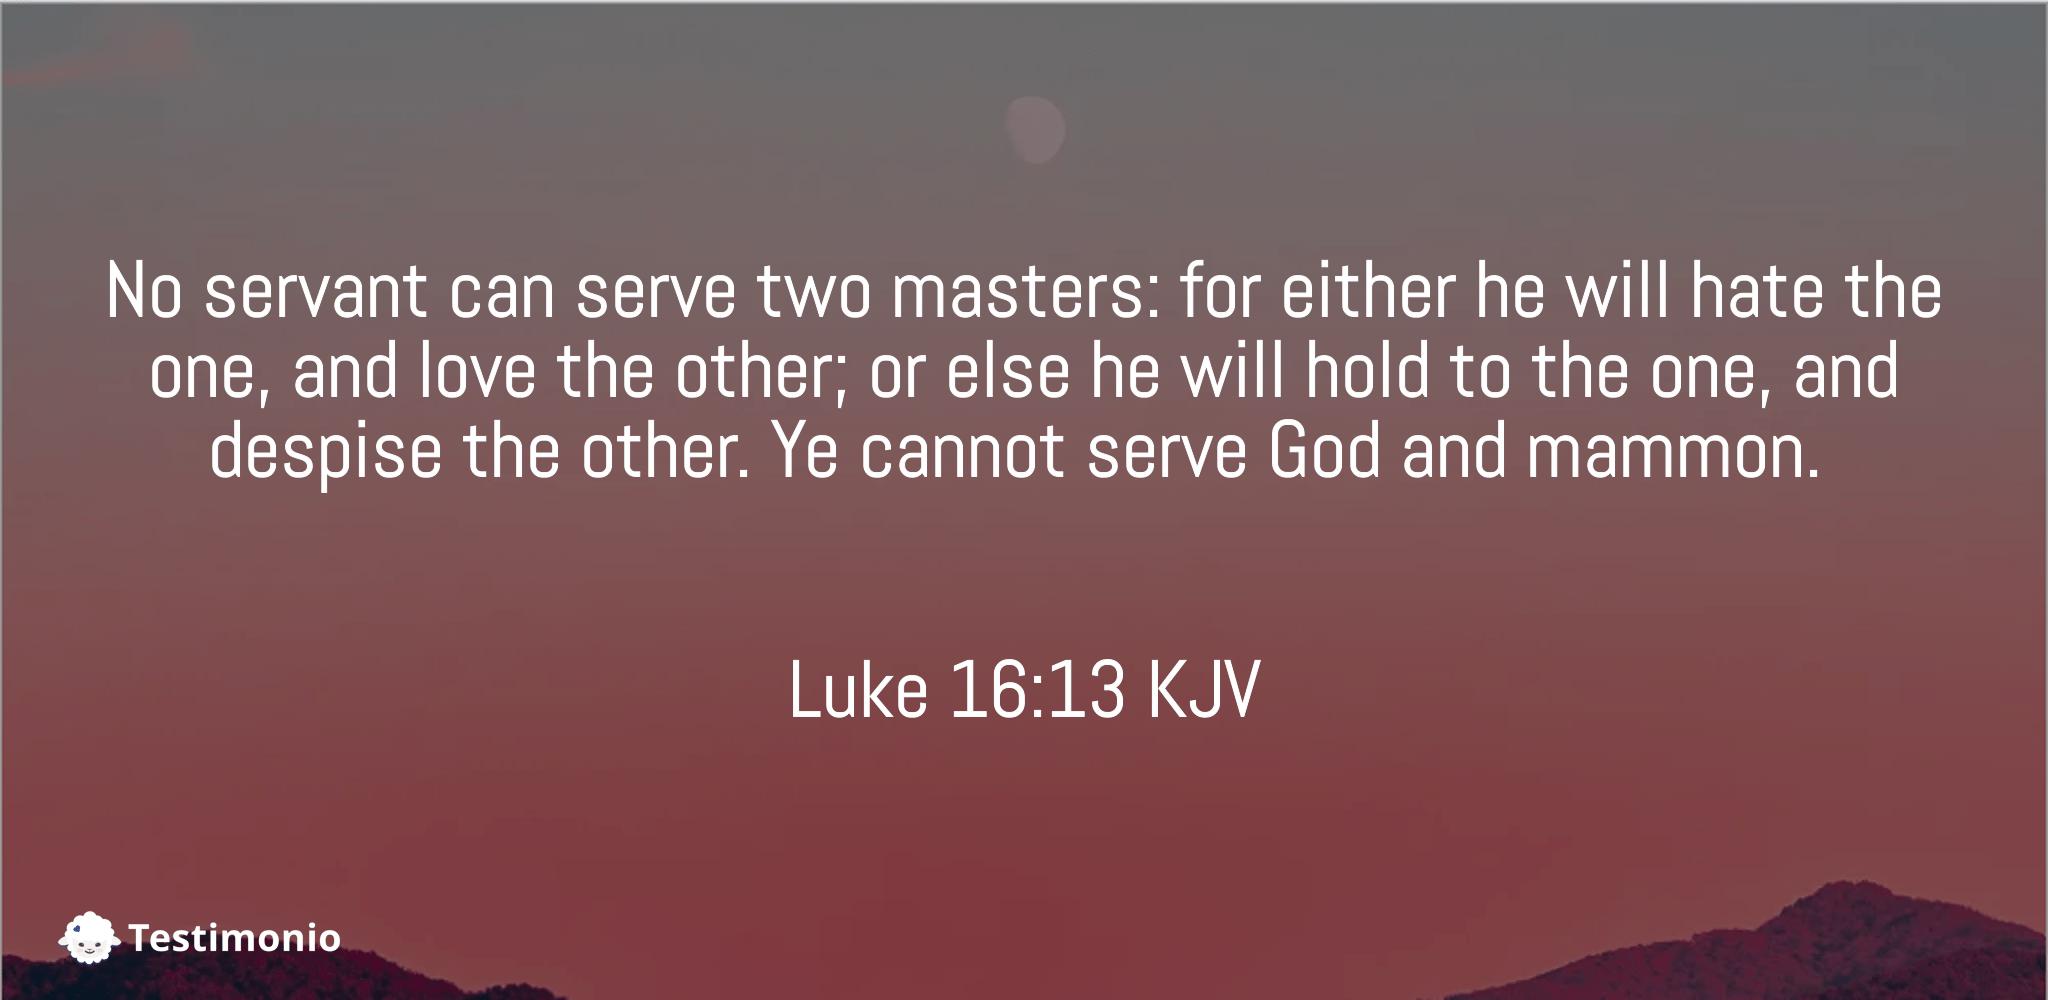 Luke 16:13